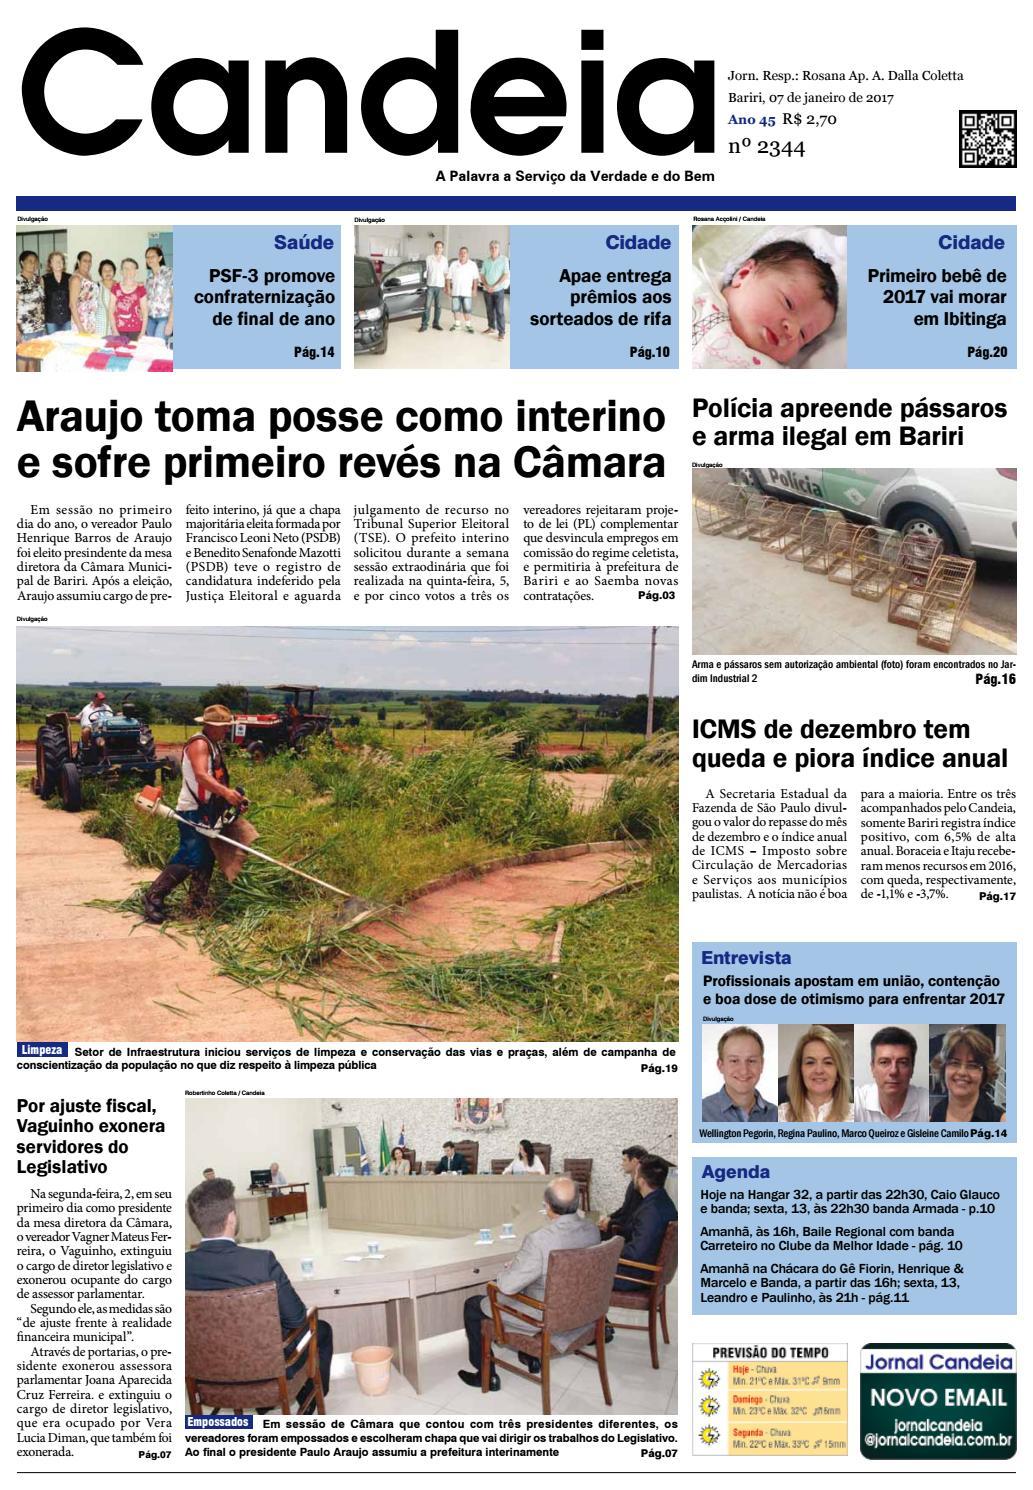 3e3a7932ae Jornal candeia 07 01 2017 by Jornal Candeia - issuu